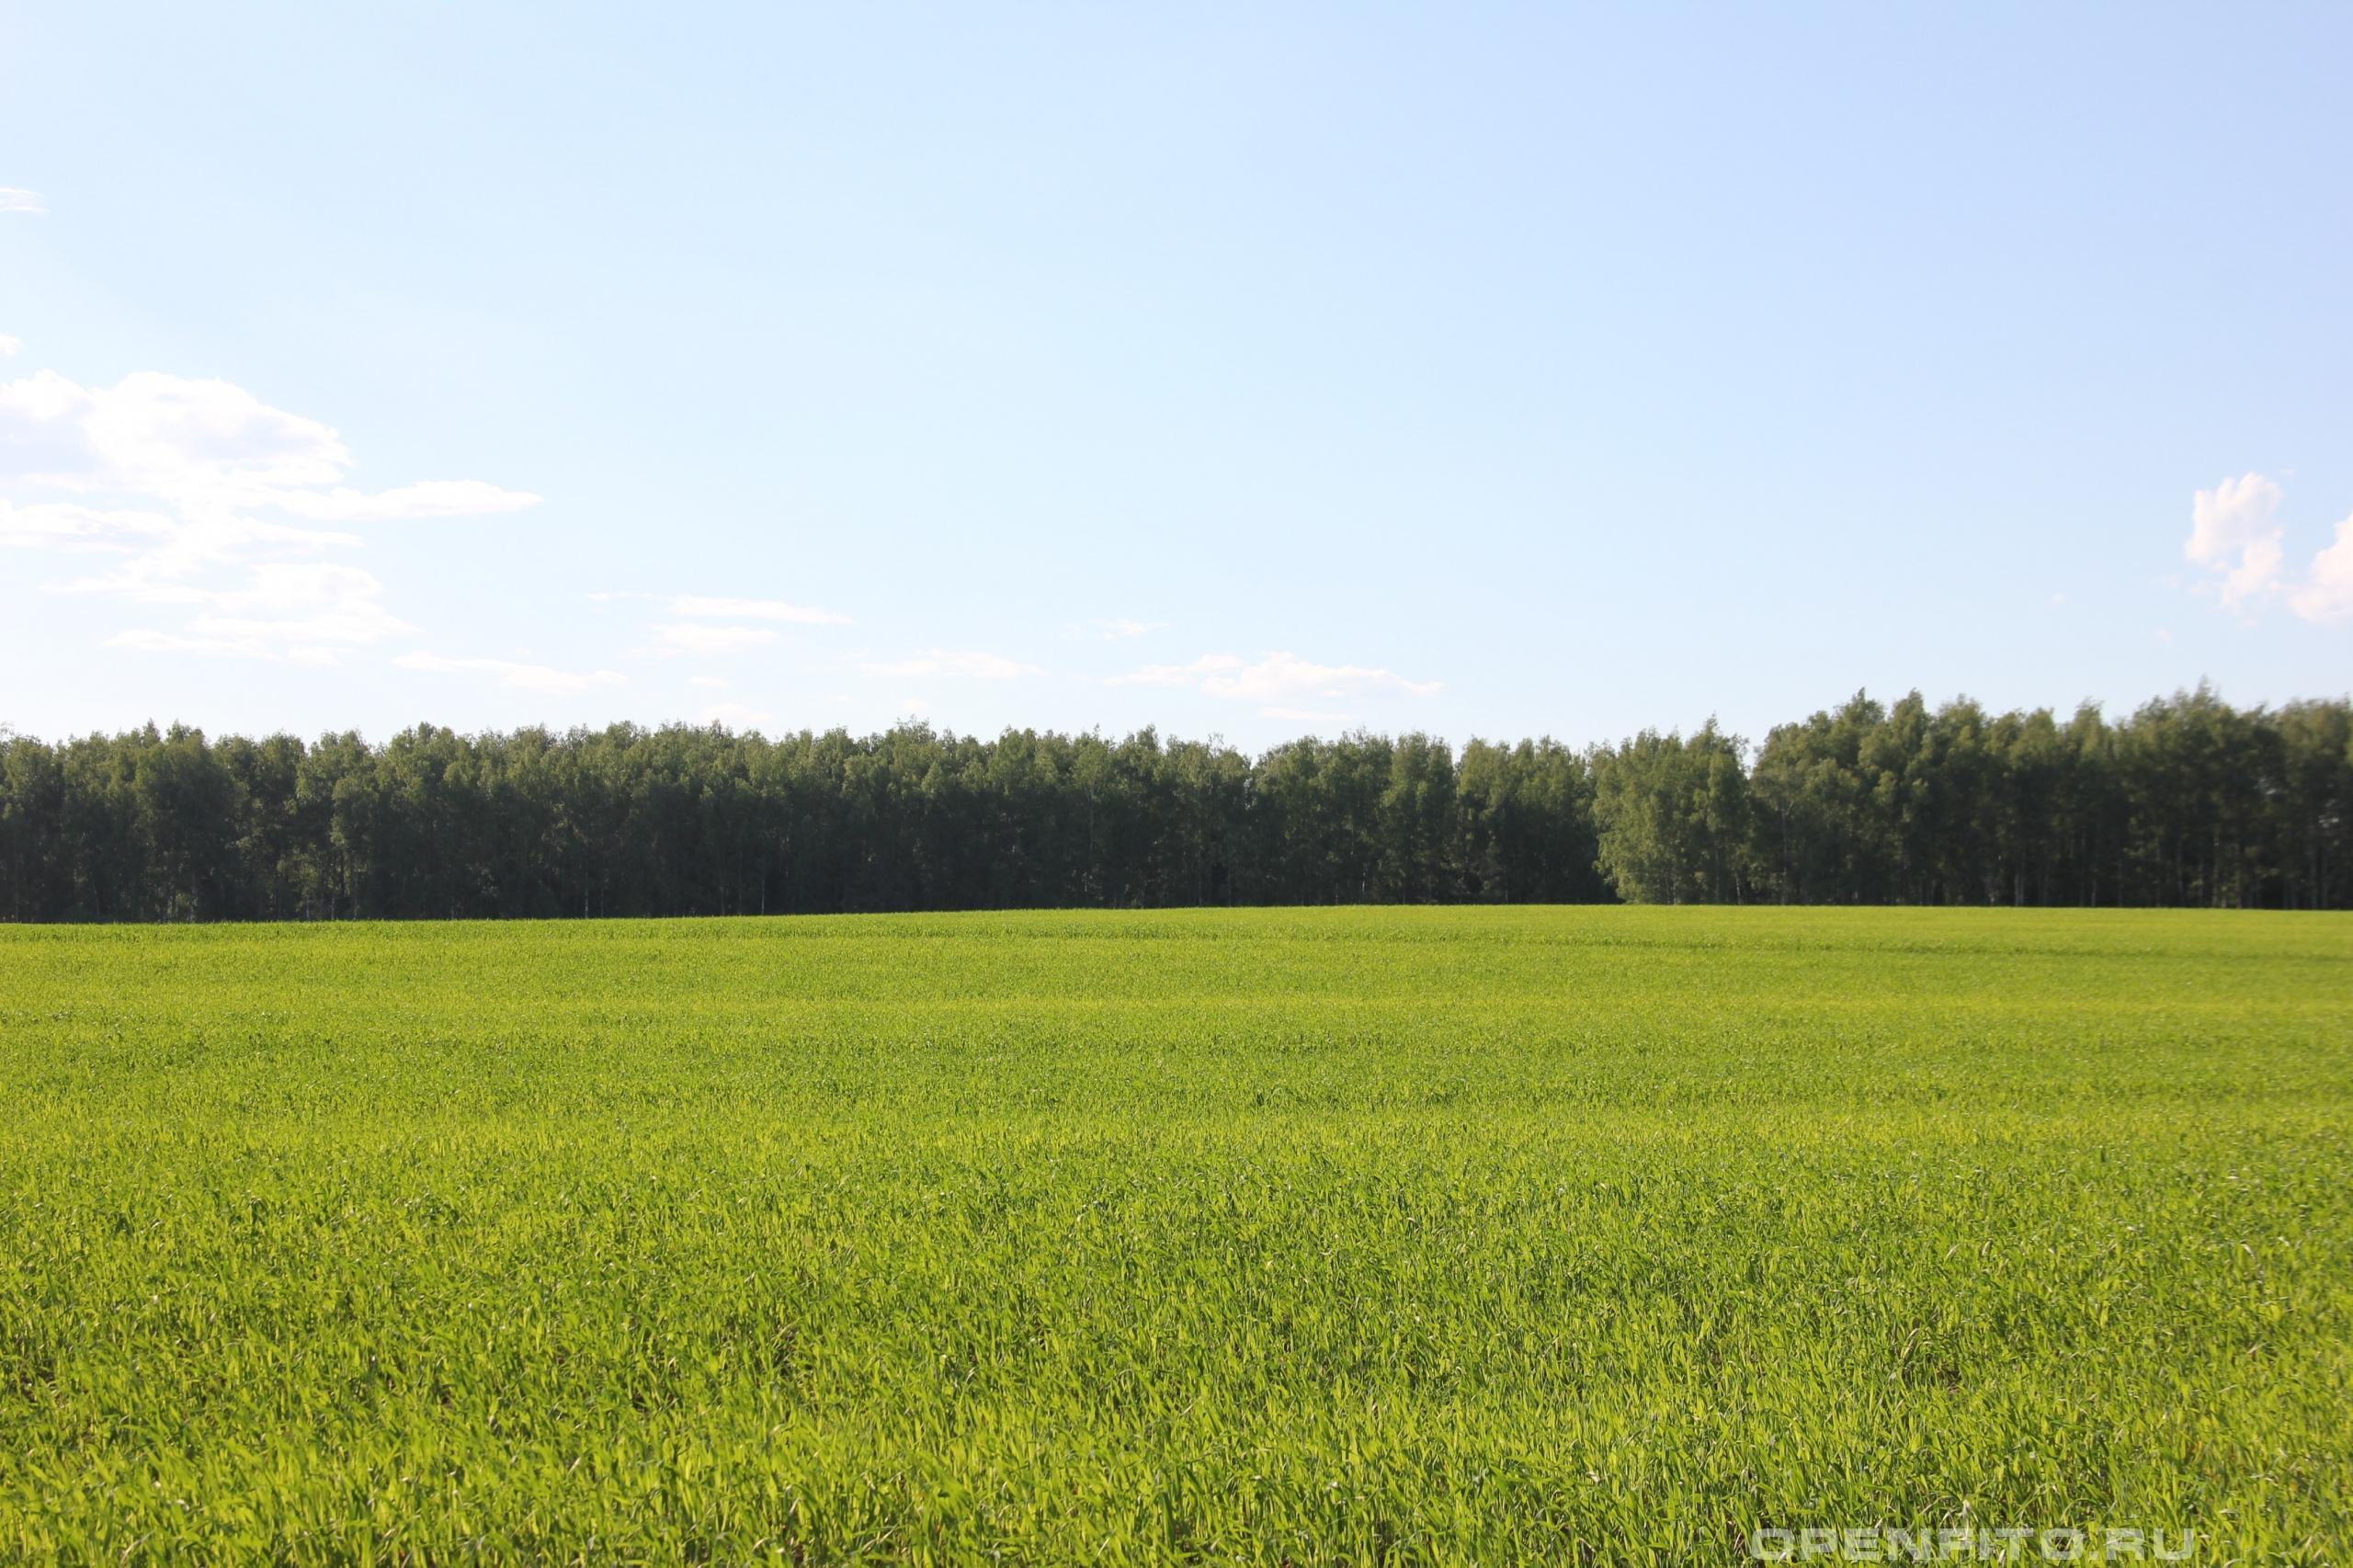 Овес поле засеянное овсом, май